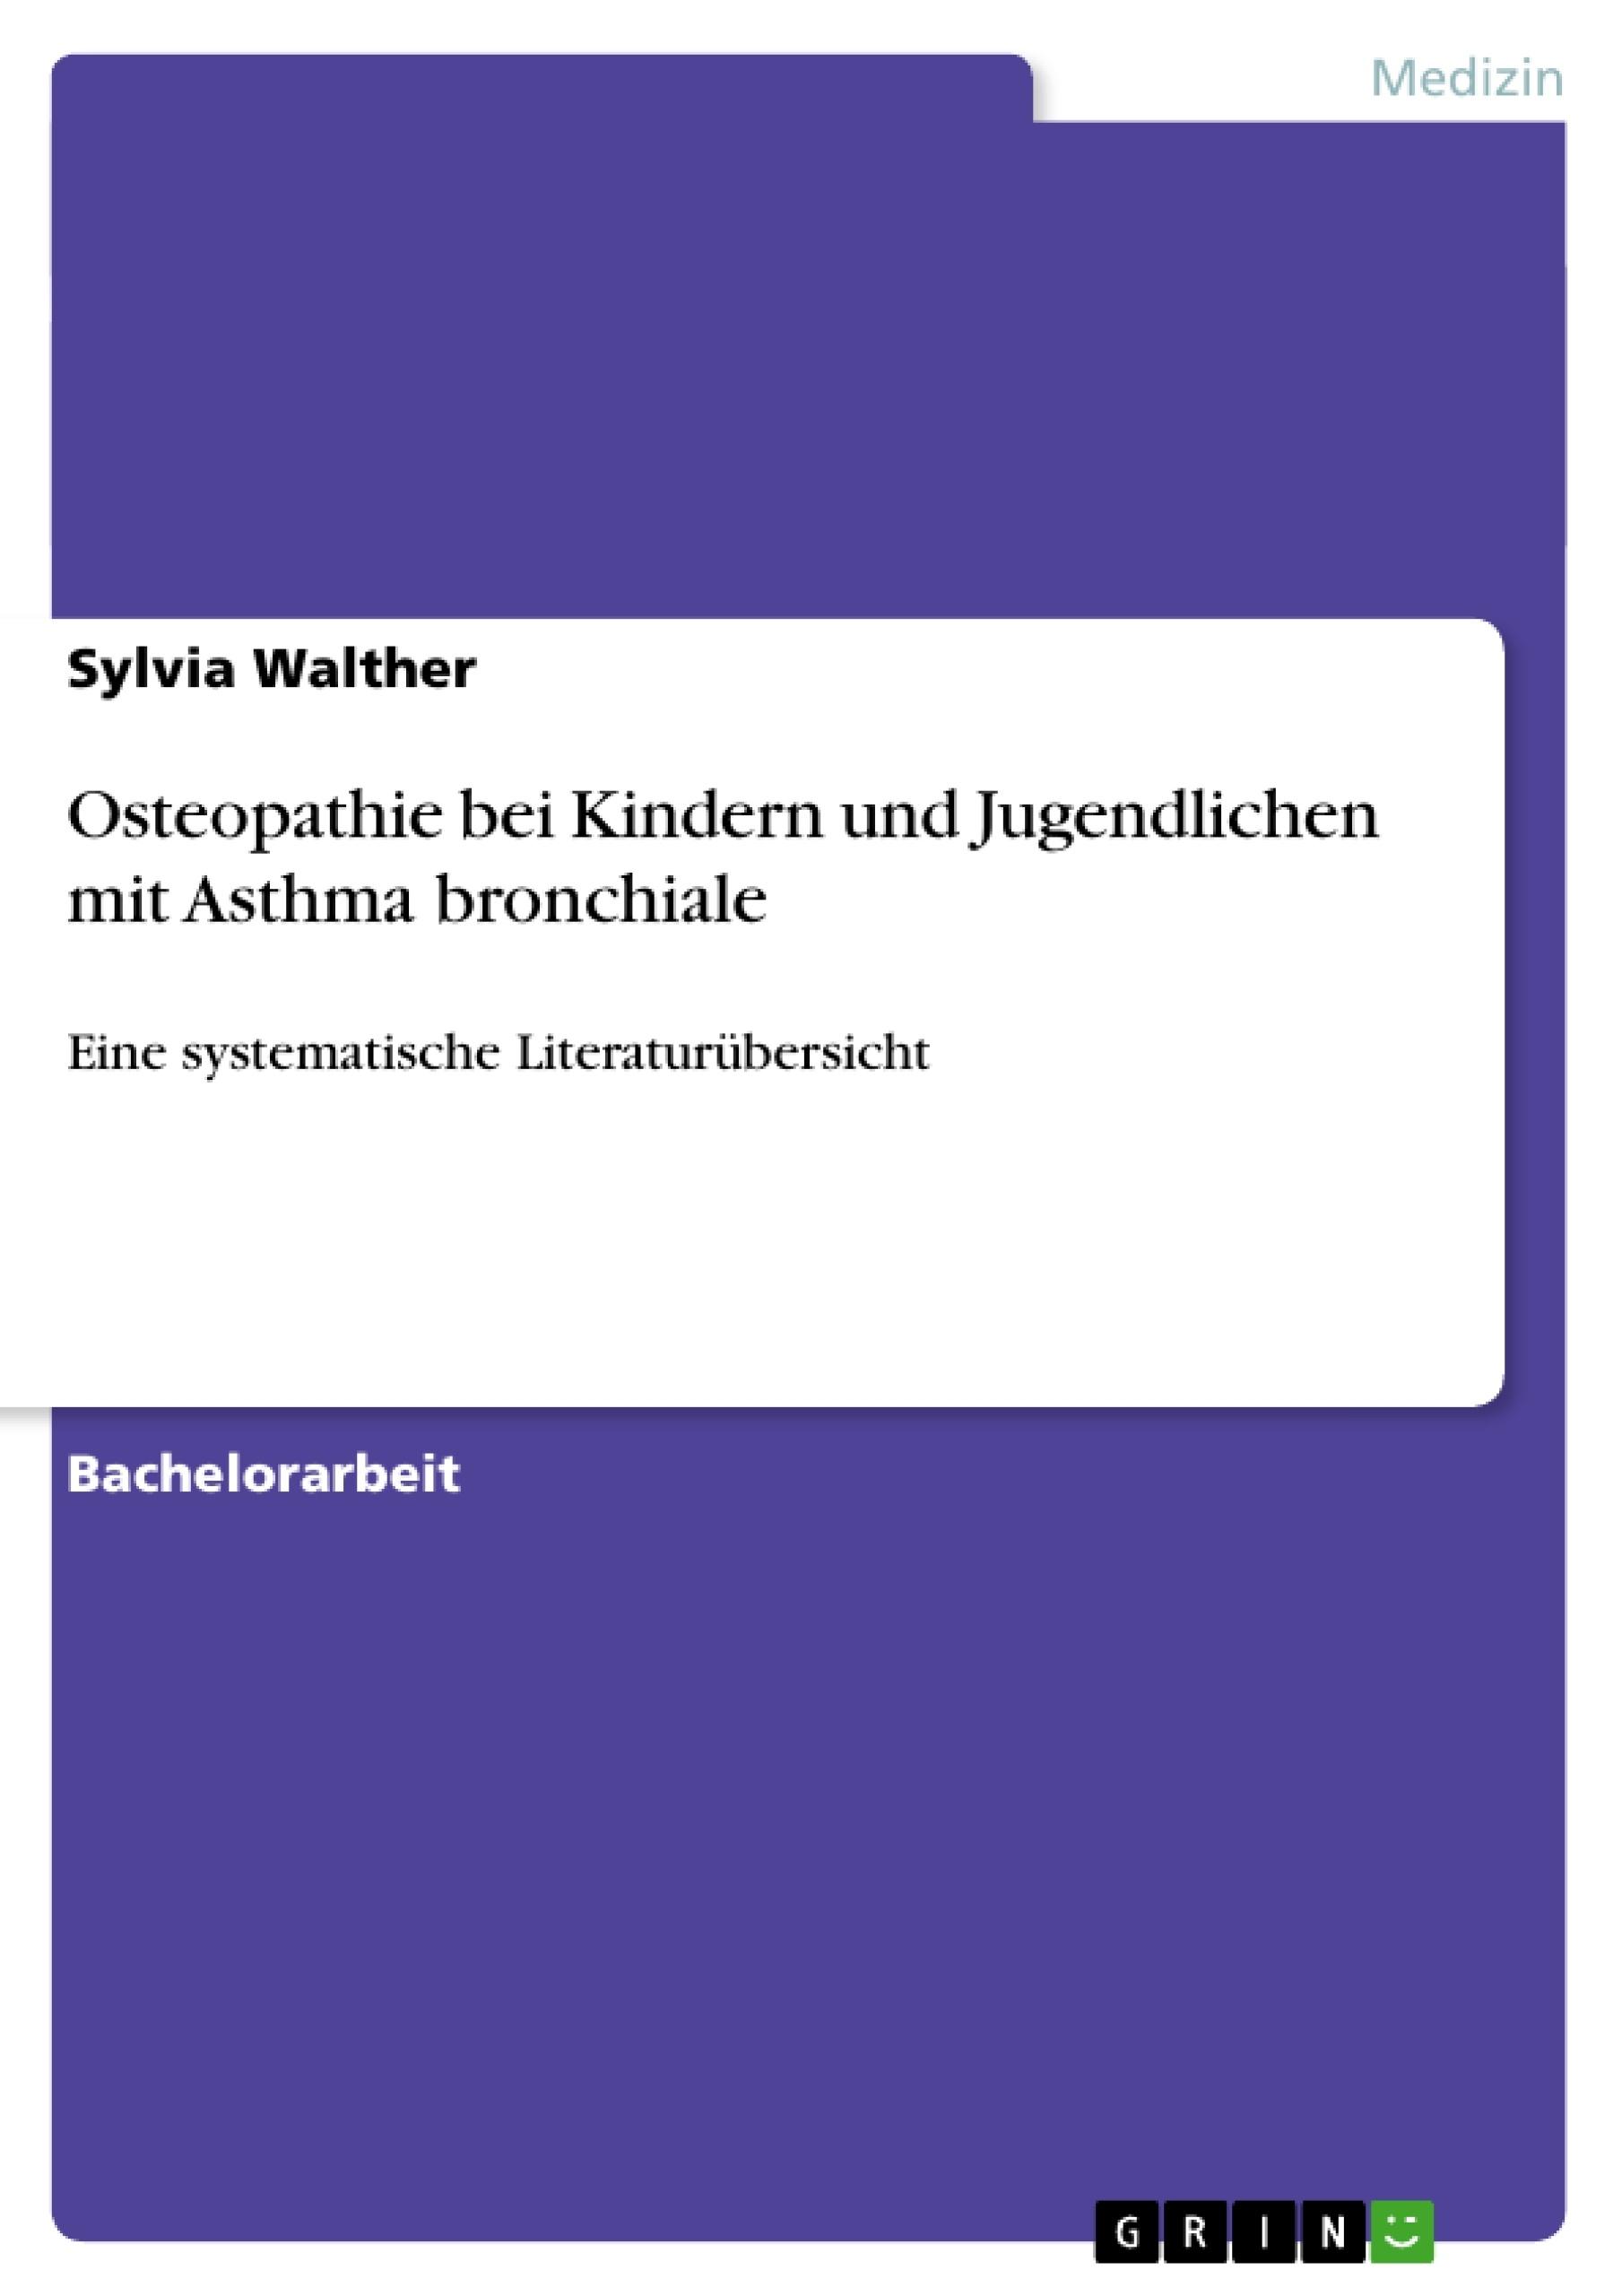 Titel: Osteopathie bei Kindern und Jugendlichen mit Asthma bronchiale